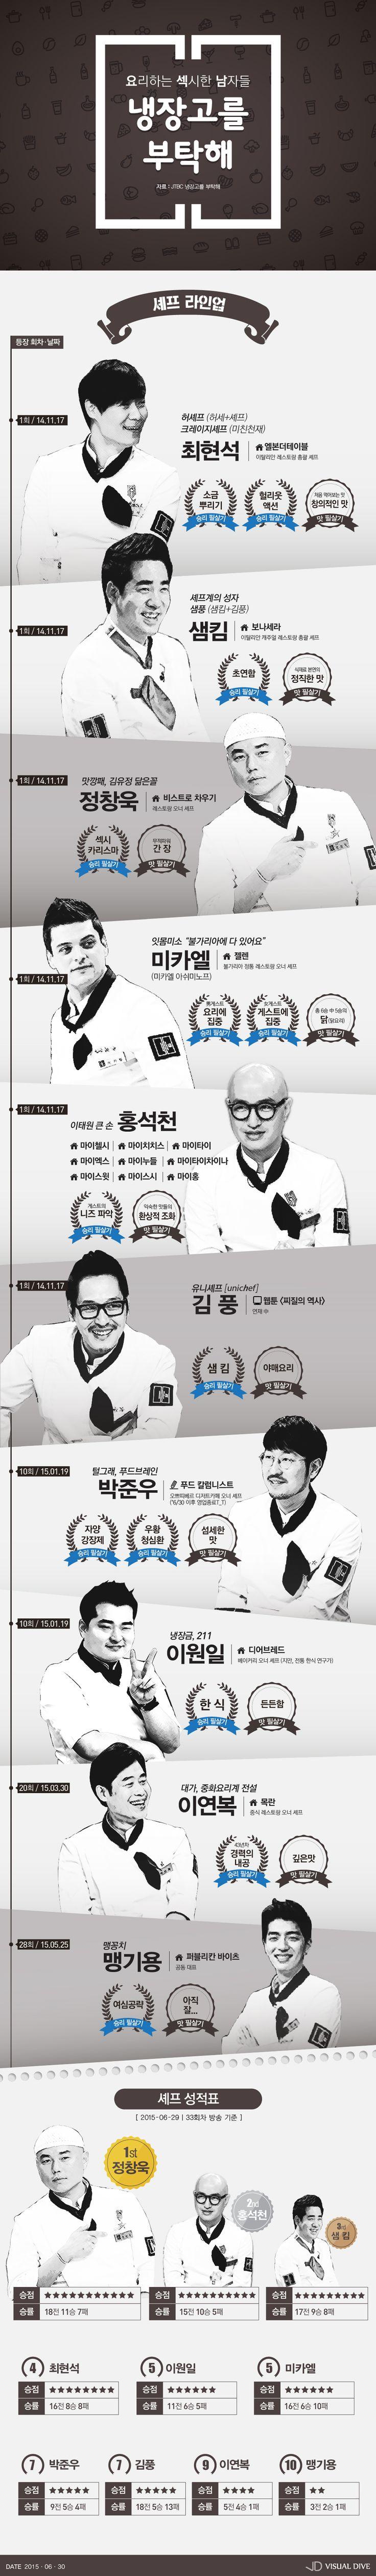 '냉장고를 부탁해' 요리하는 섹시남들의 성적표 [인포그래픽] #Chef / #Infographic ⓒ 비주얼다이브 무단 복사·전재·재배포 금지